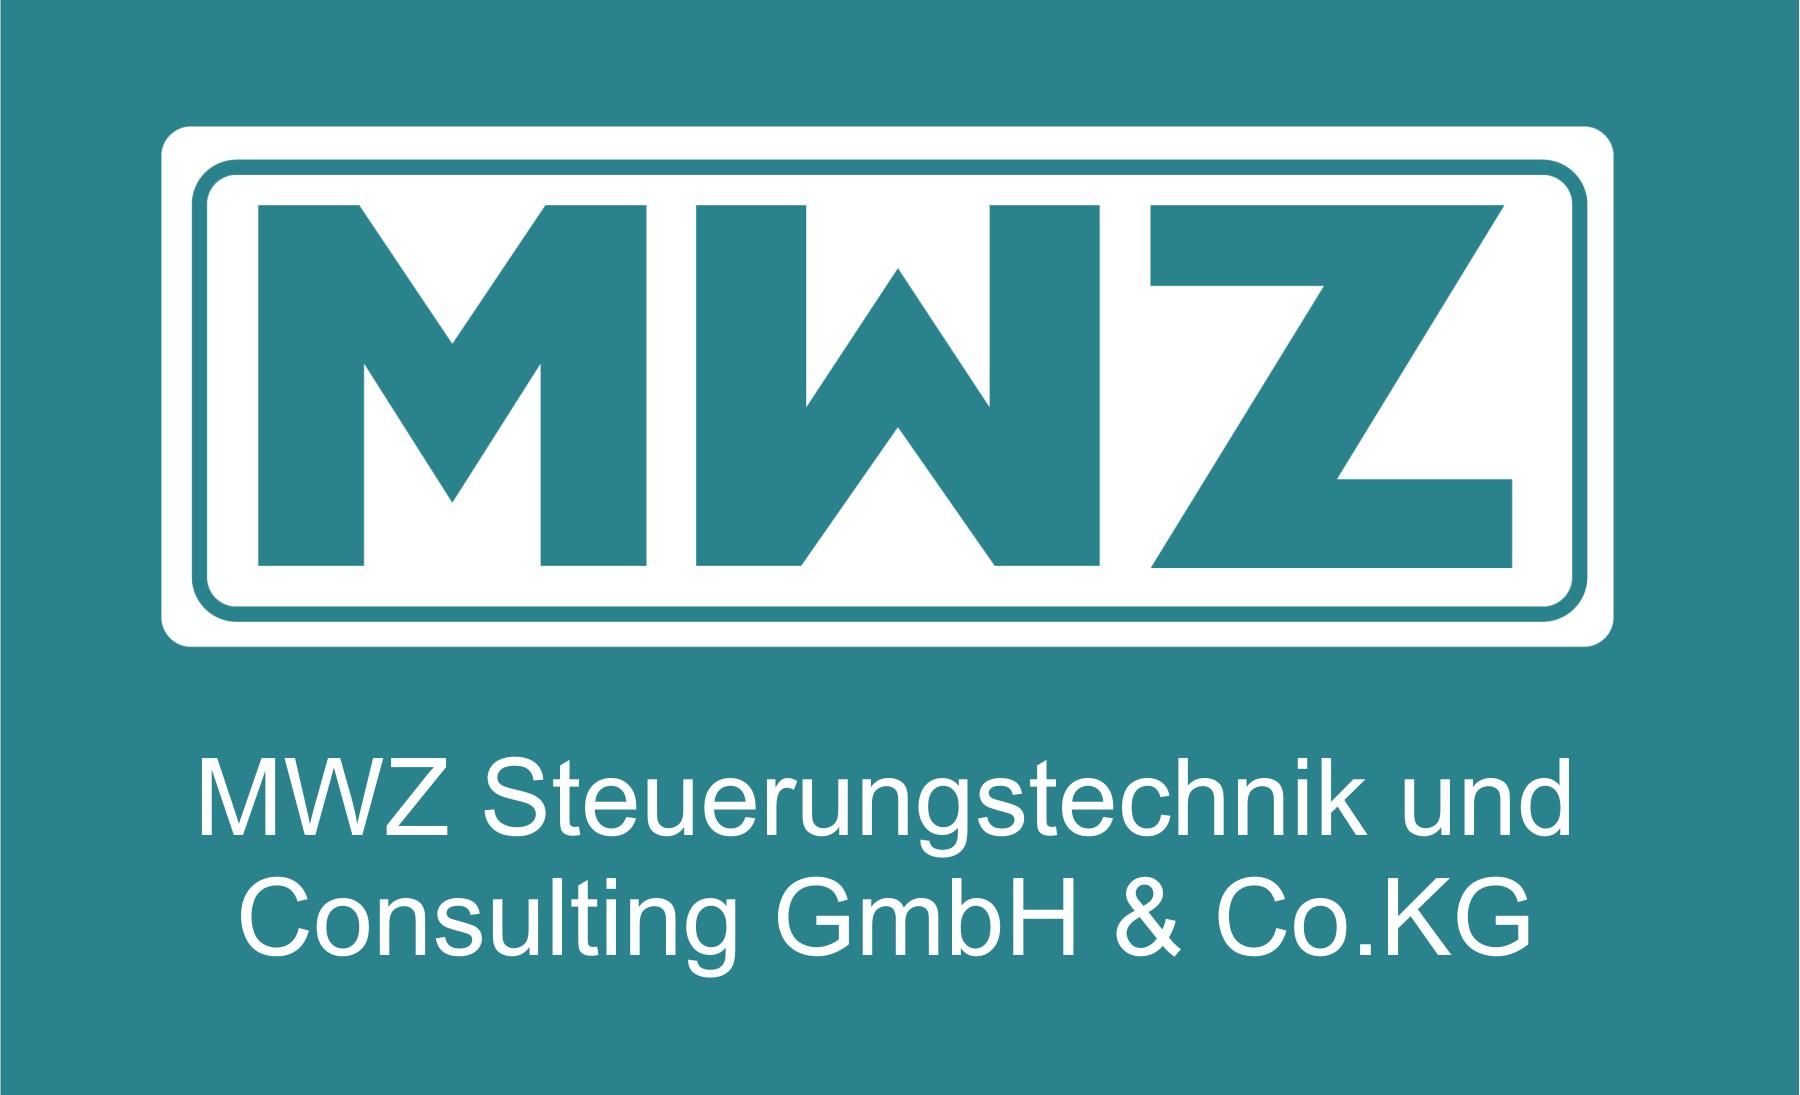 MWZ Steuerungstechnik und Consulting GmbH & Co. KG